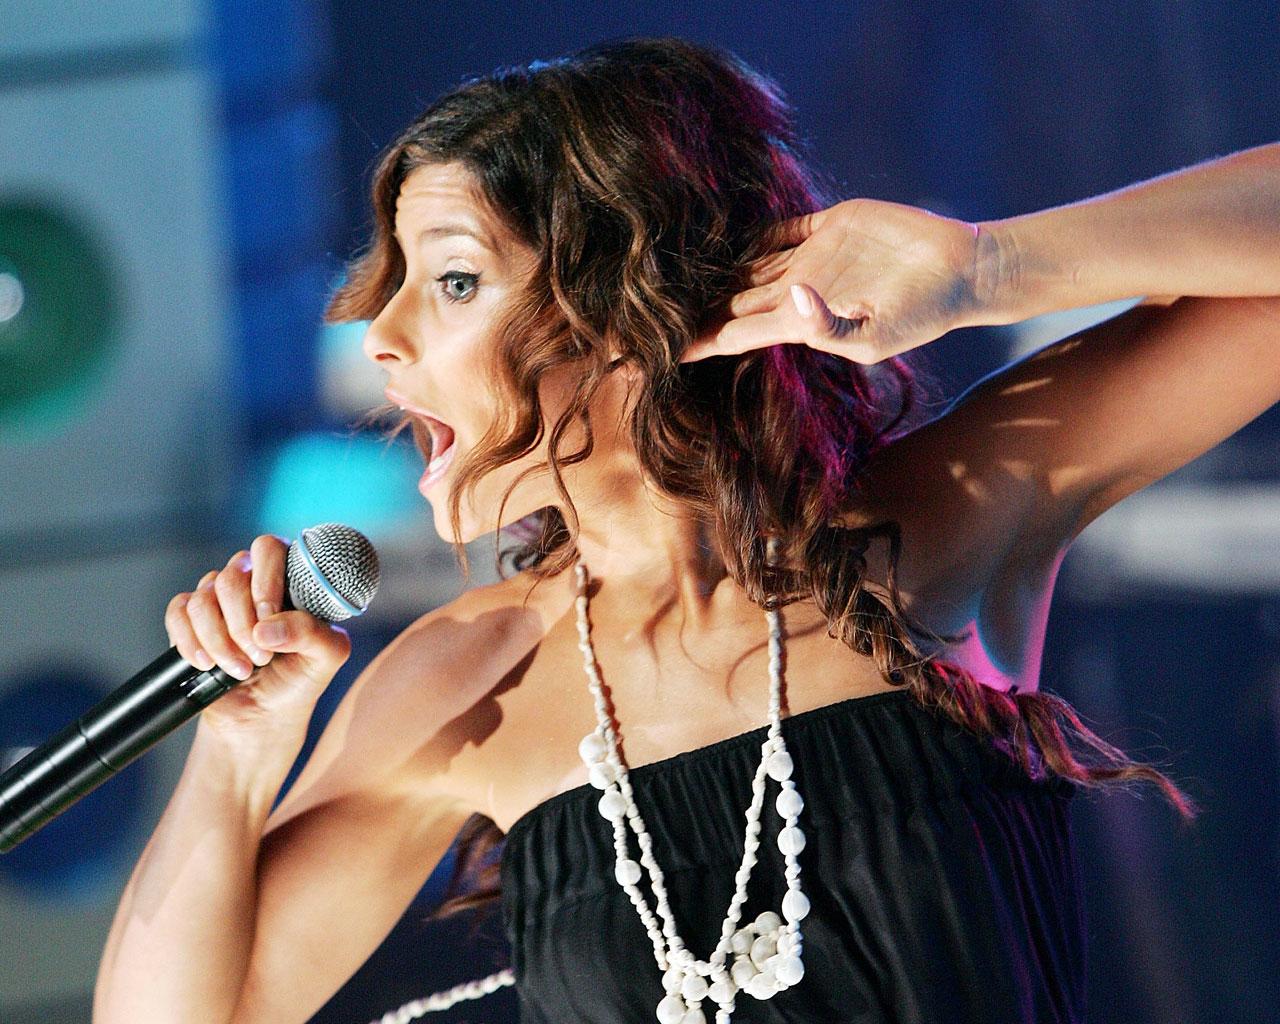 http://3.bp.blogspot.com/-Et5xIKvN8us/Th3gk9iaXyI/AAAAAAAAB6E/U_uMZPG498s/s1600/nellyfurtado-singing-wallpaper.jpg